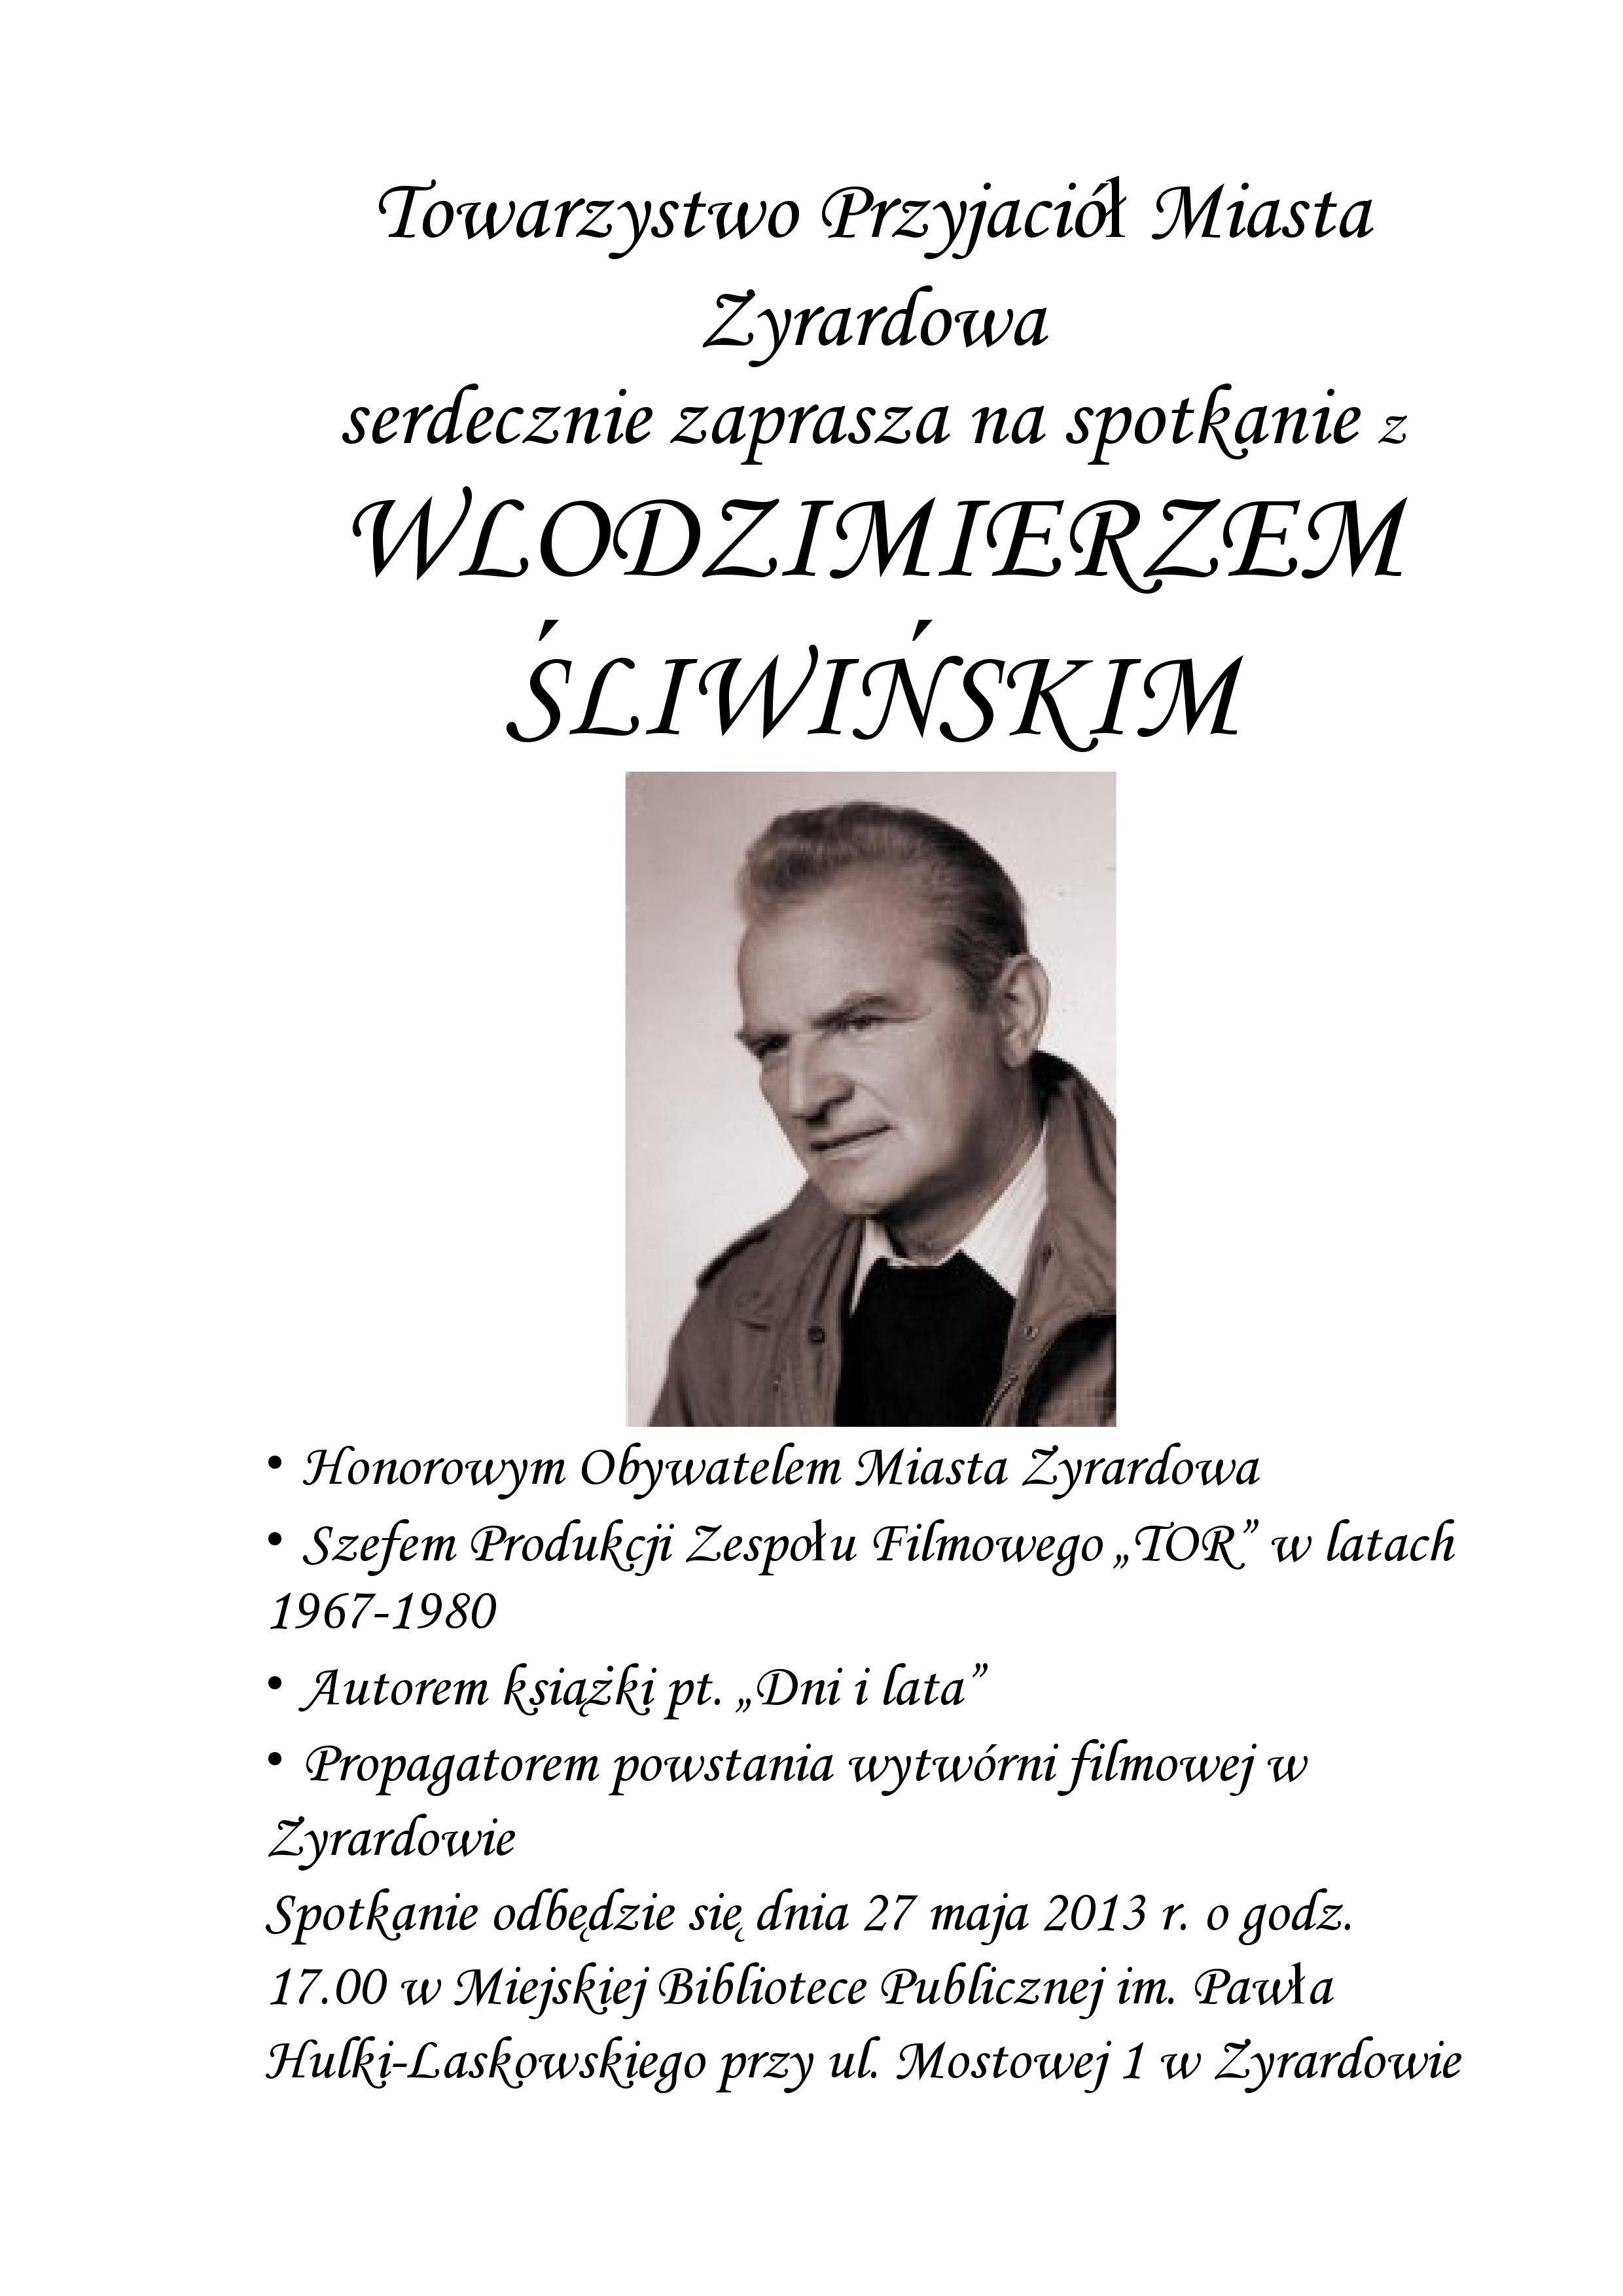 Towarzystwo Przyjaciół Miasta Żyrardowa-0001